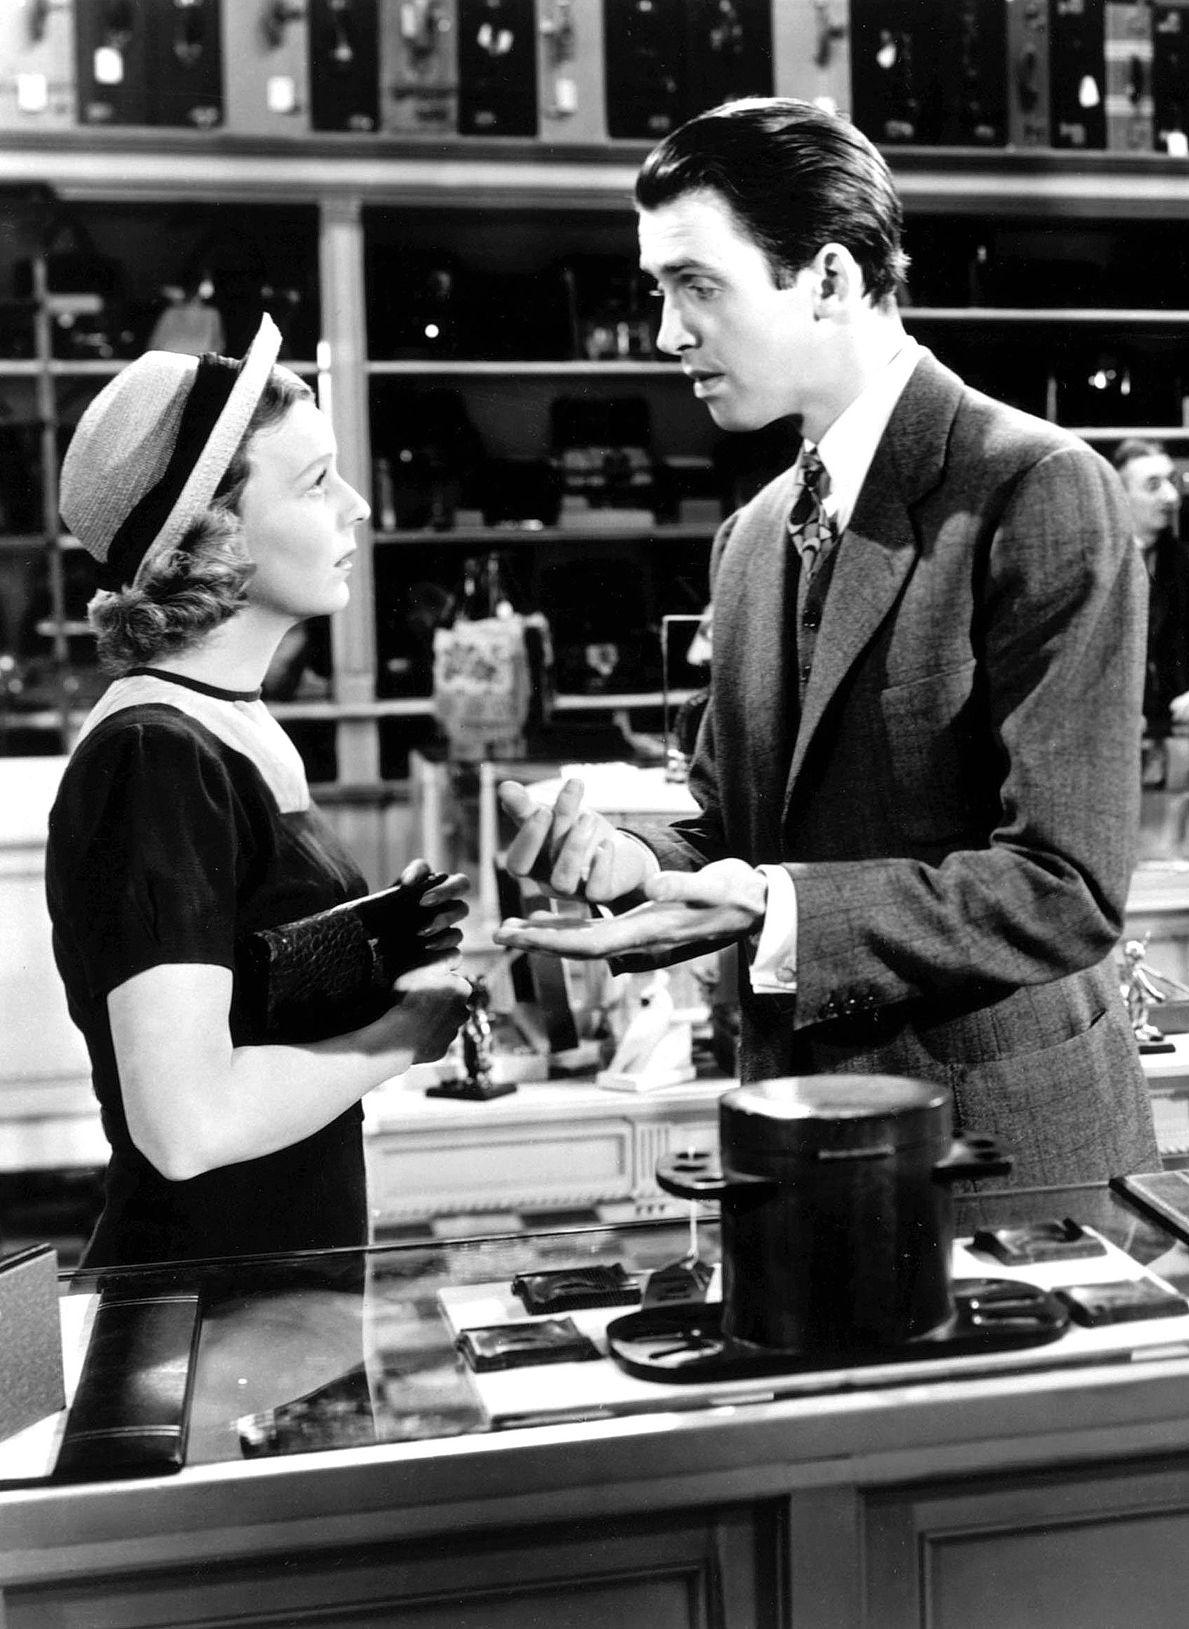 Jimmy Stewart and Margaret Sullivan in THE SHOP AROUND THE CORNER ...